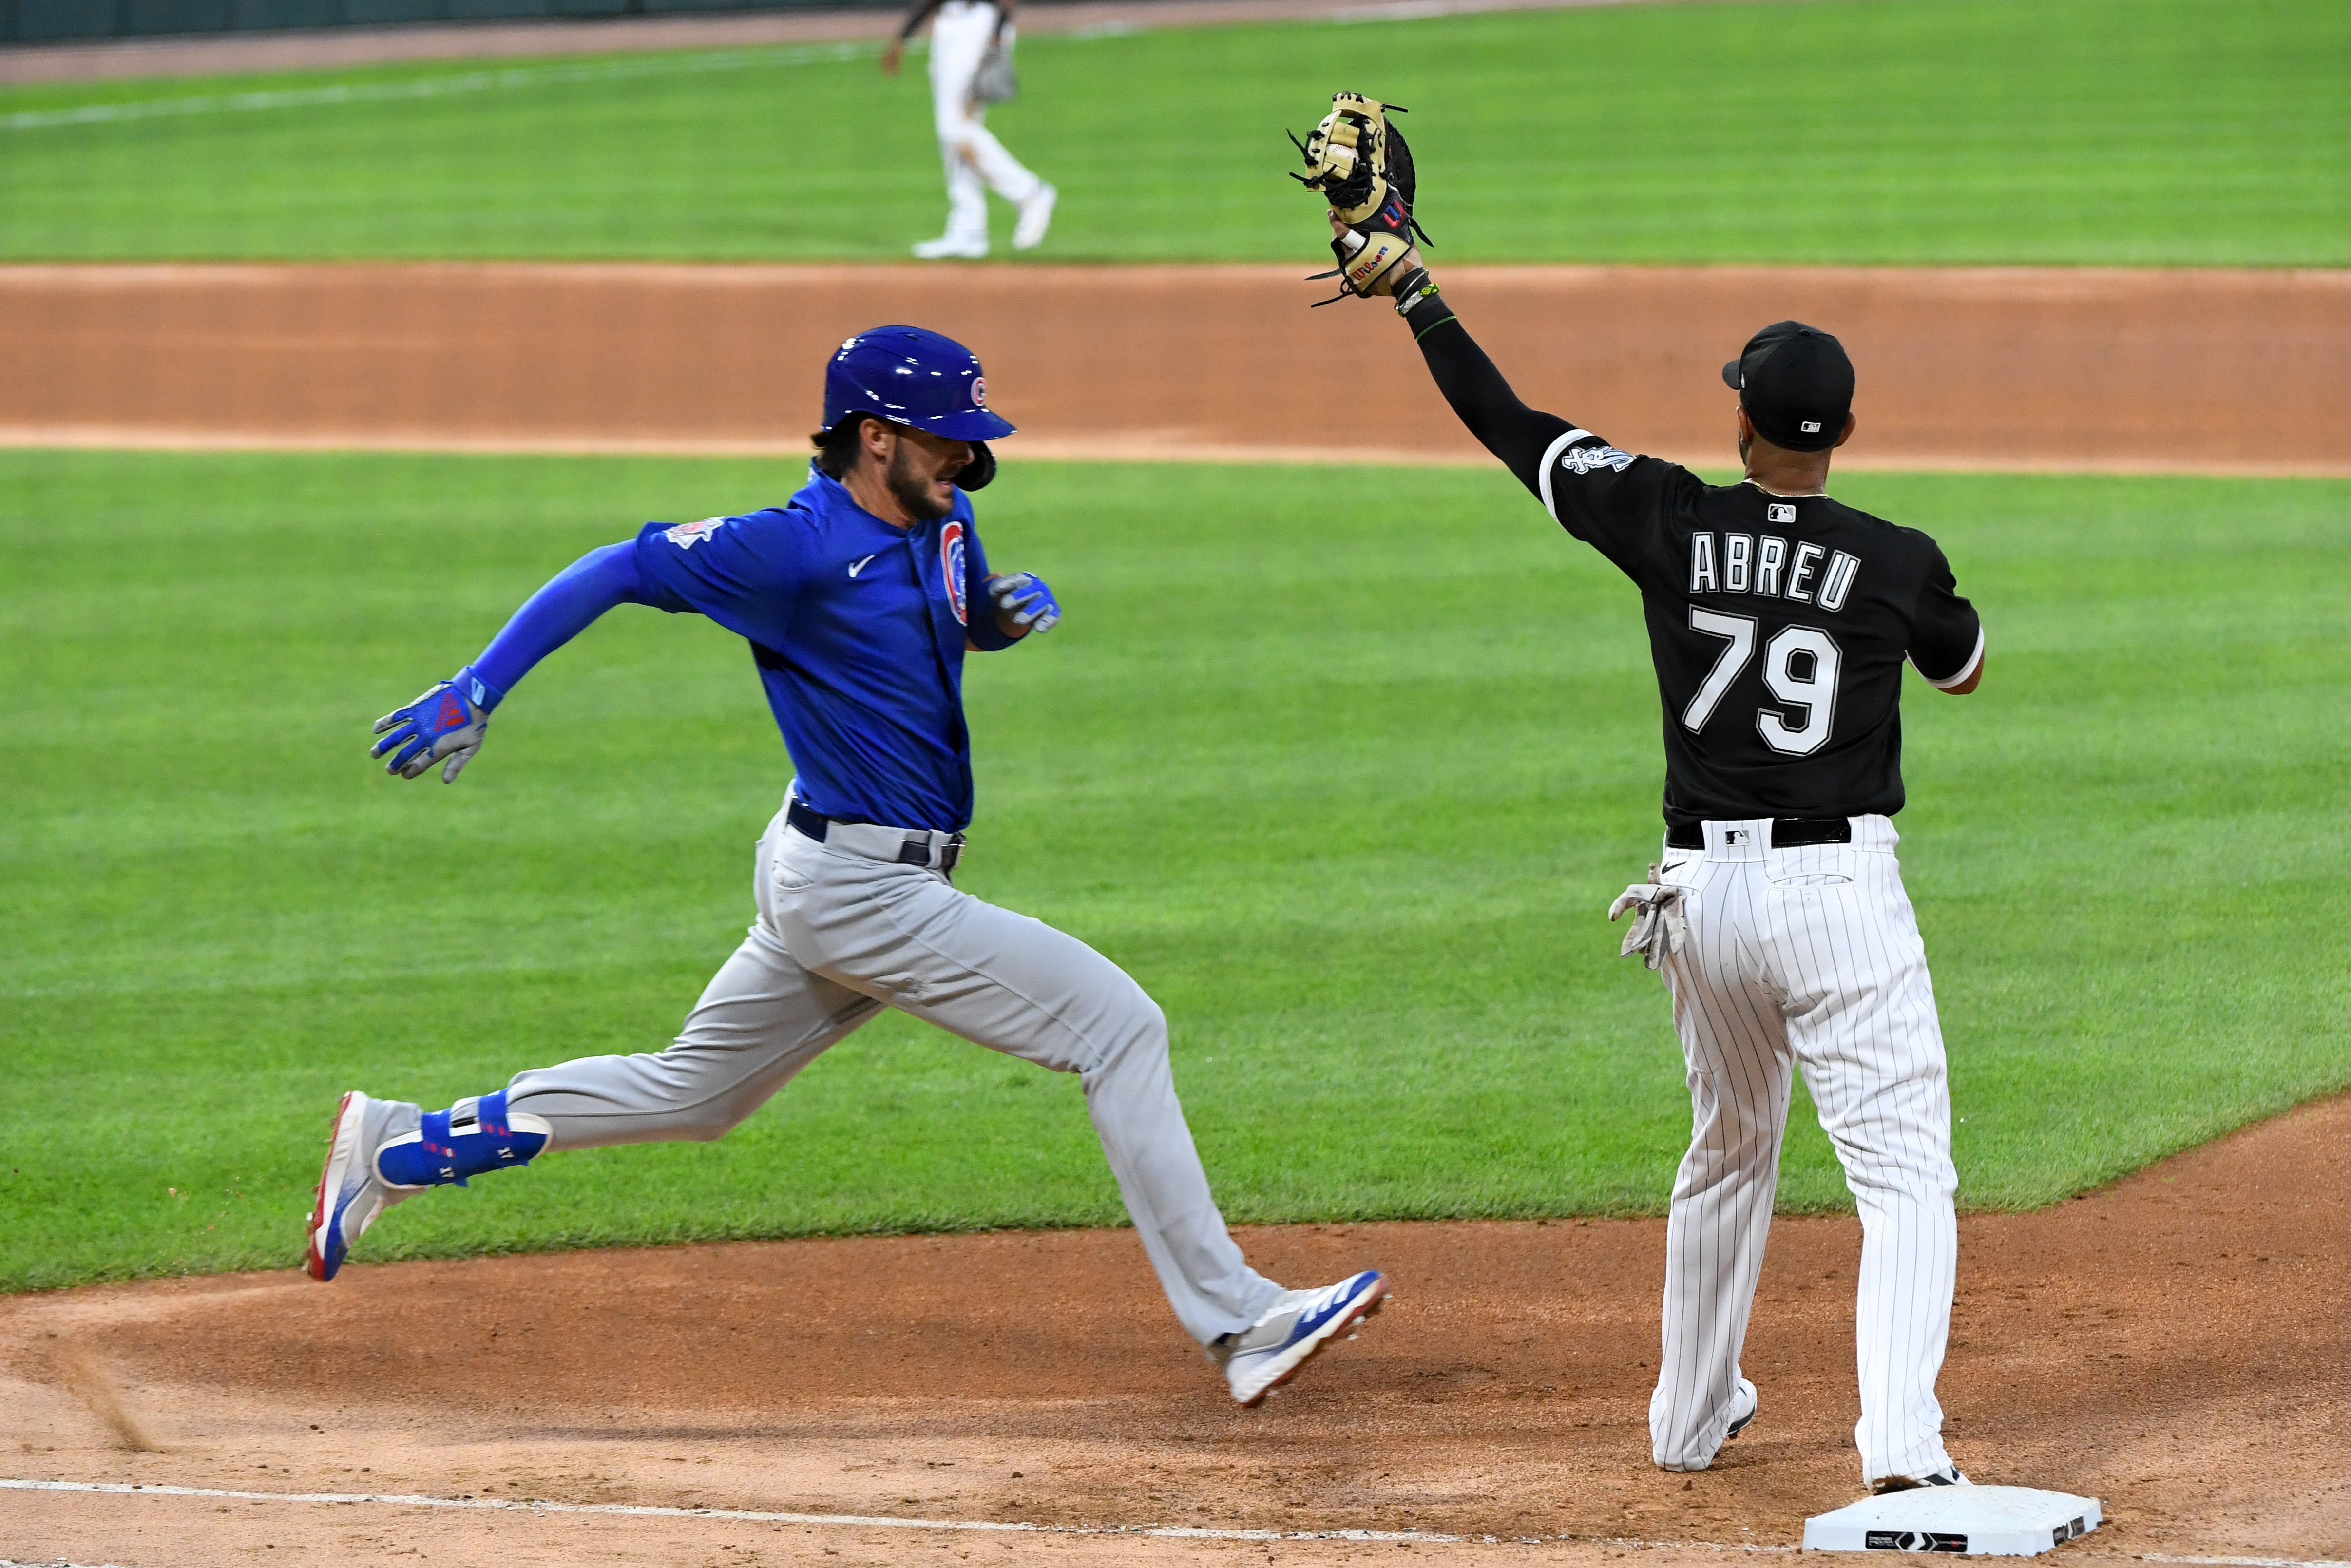 芝加哥小熊队的三垒手克里斯·布莱恩特试图击败芝加哥白袜队的一垒手何塞·阿布瑞尤。